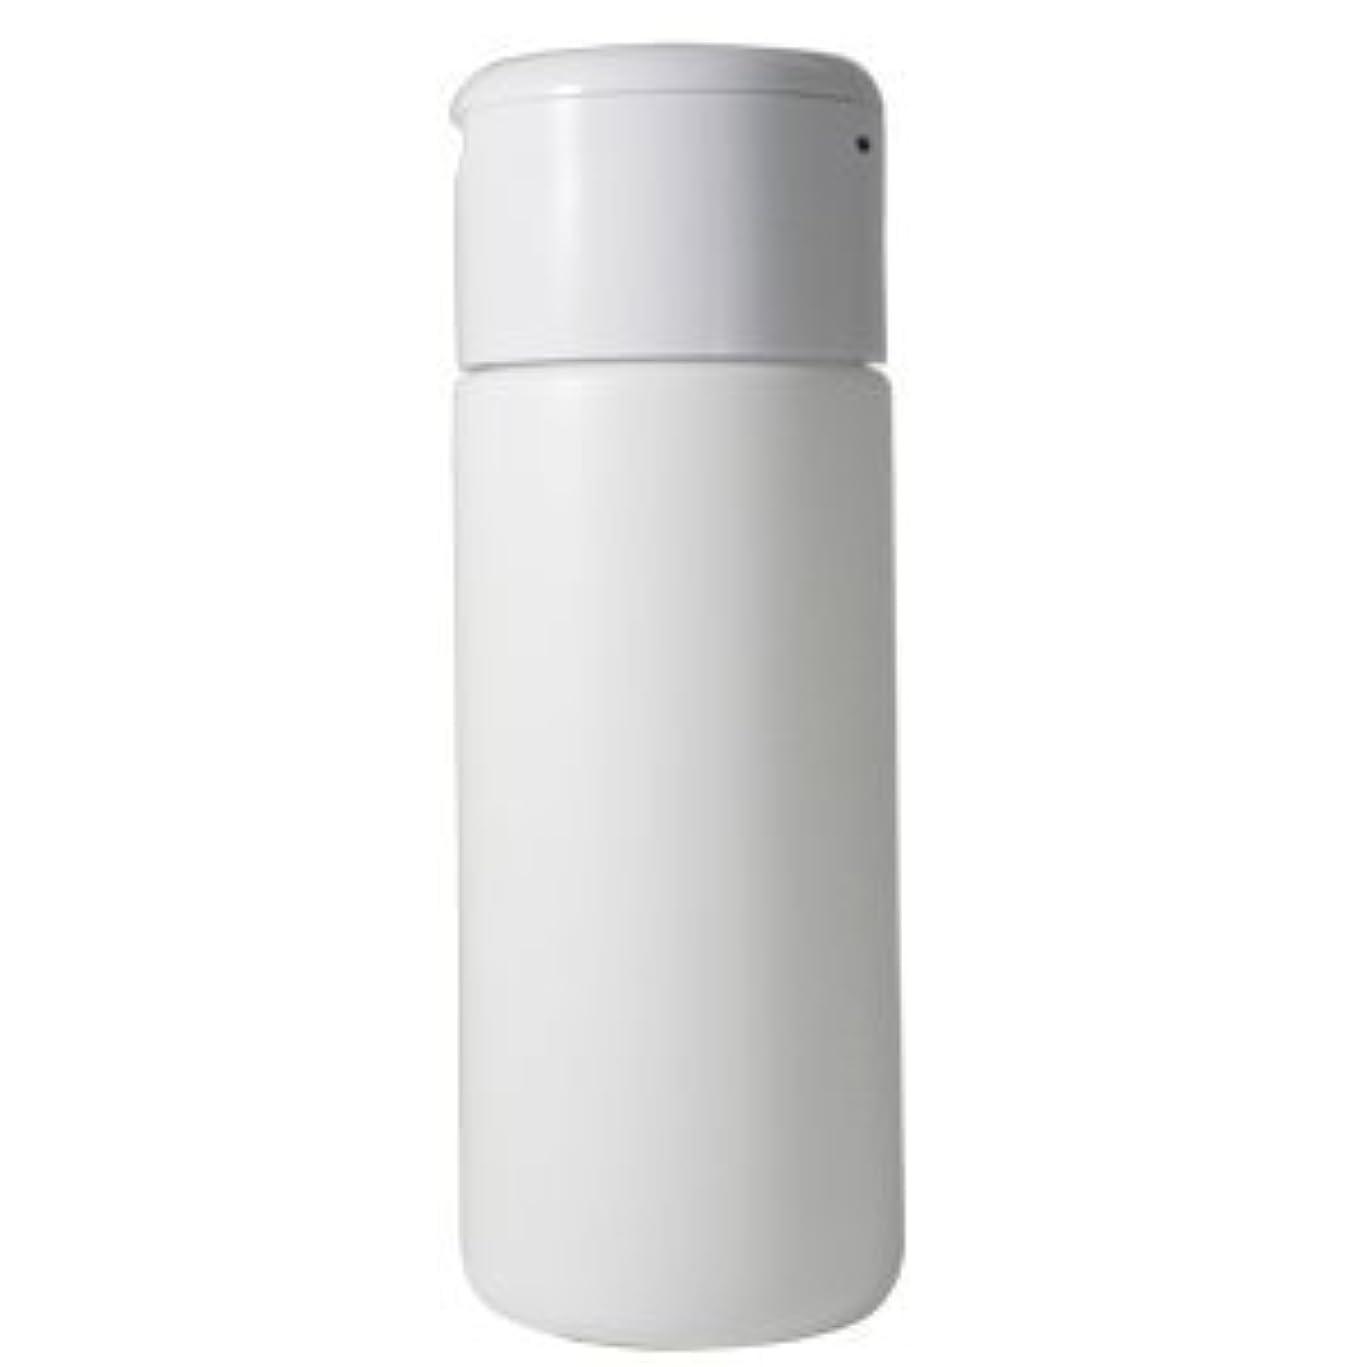 スチュワード矢装備するワンタッチキャップ パウダー用ボトル容器 190ml